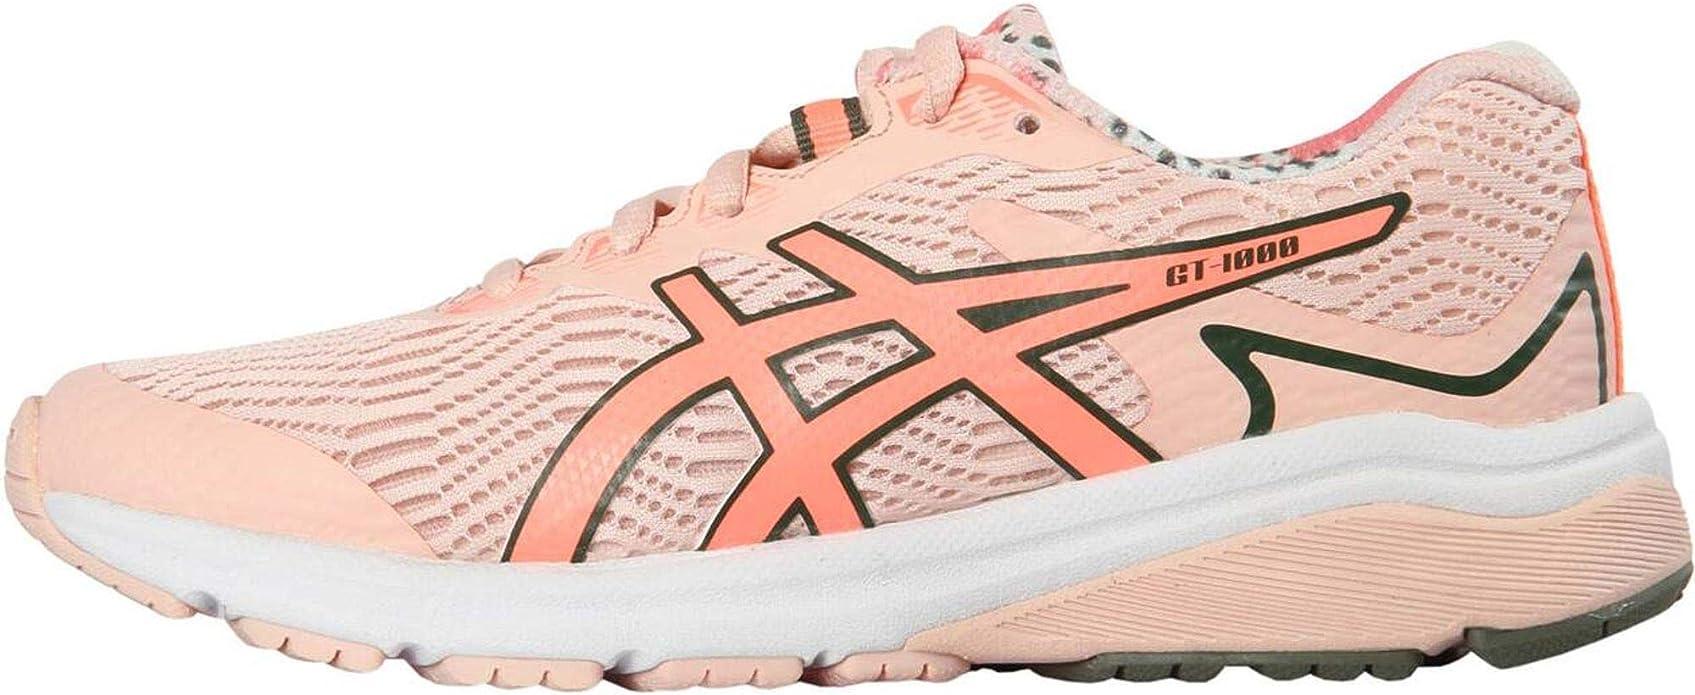 ASICS Gt-1000 8 GS SP, Zapatos de Funcionamiento del Camino para Niñas: Amazon.es: Zapatos y complementos